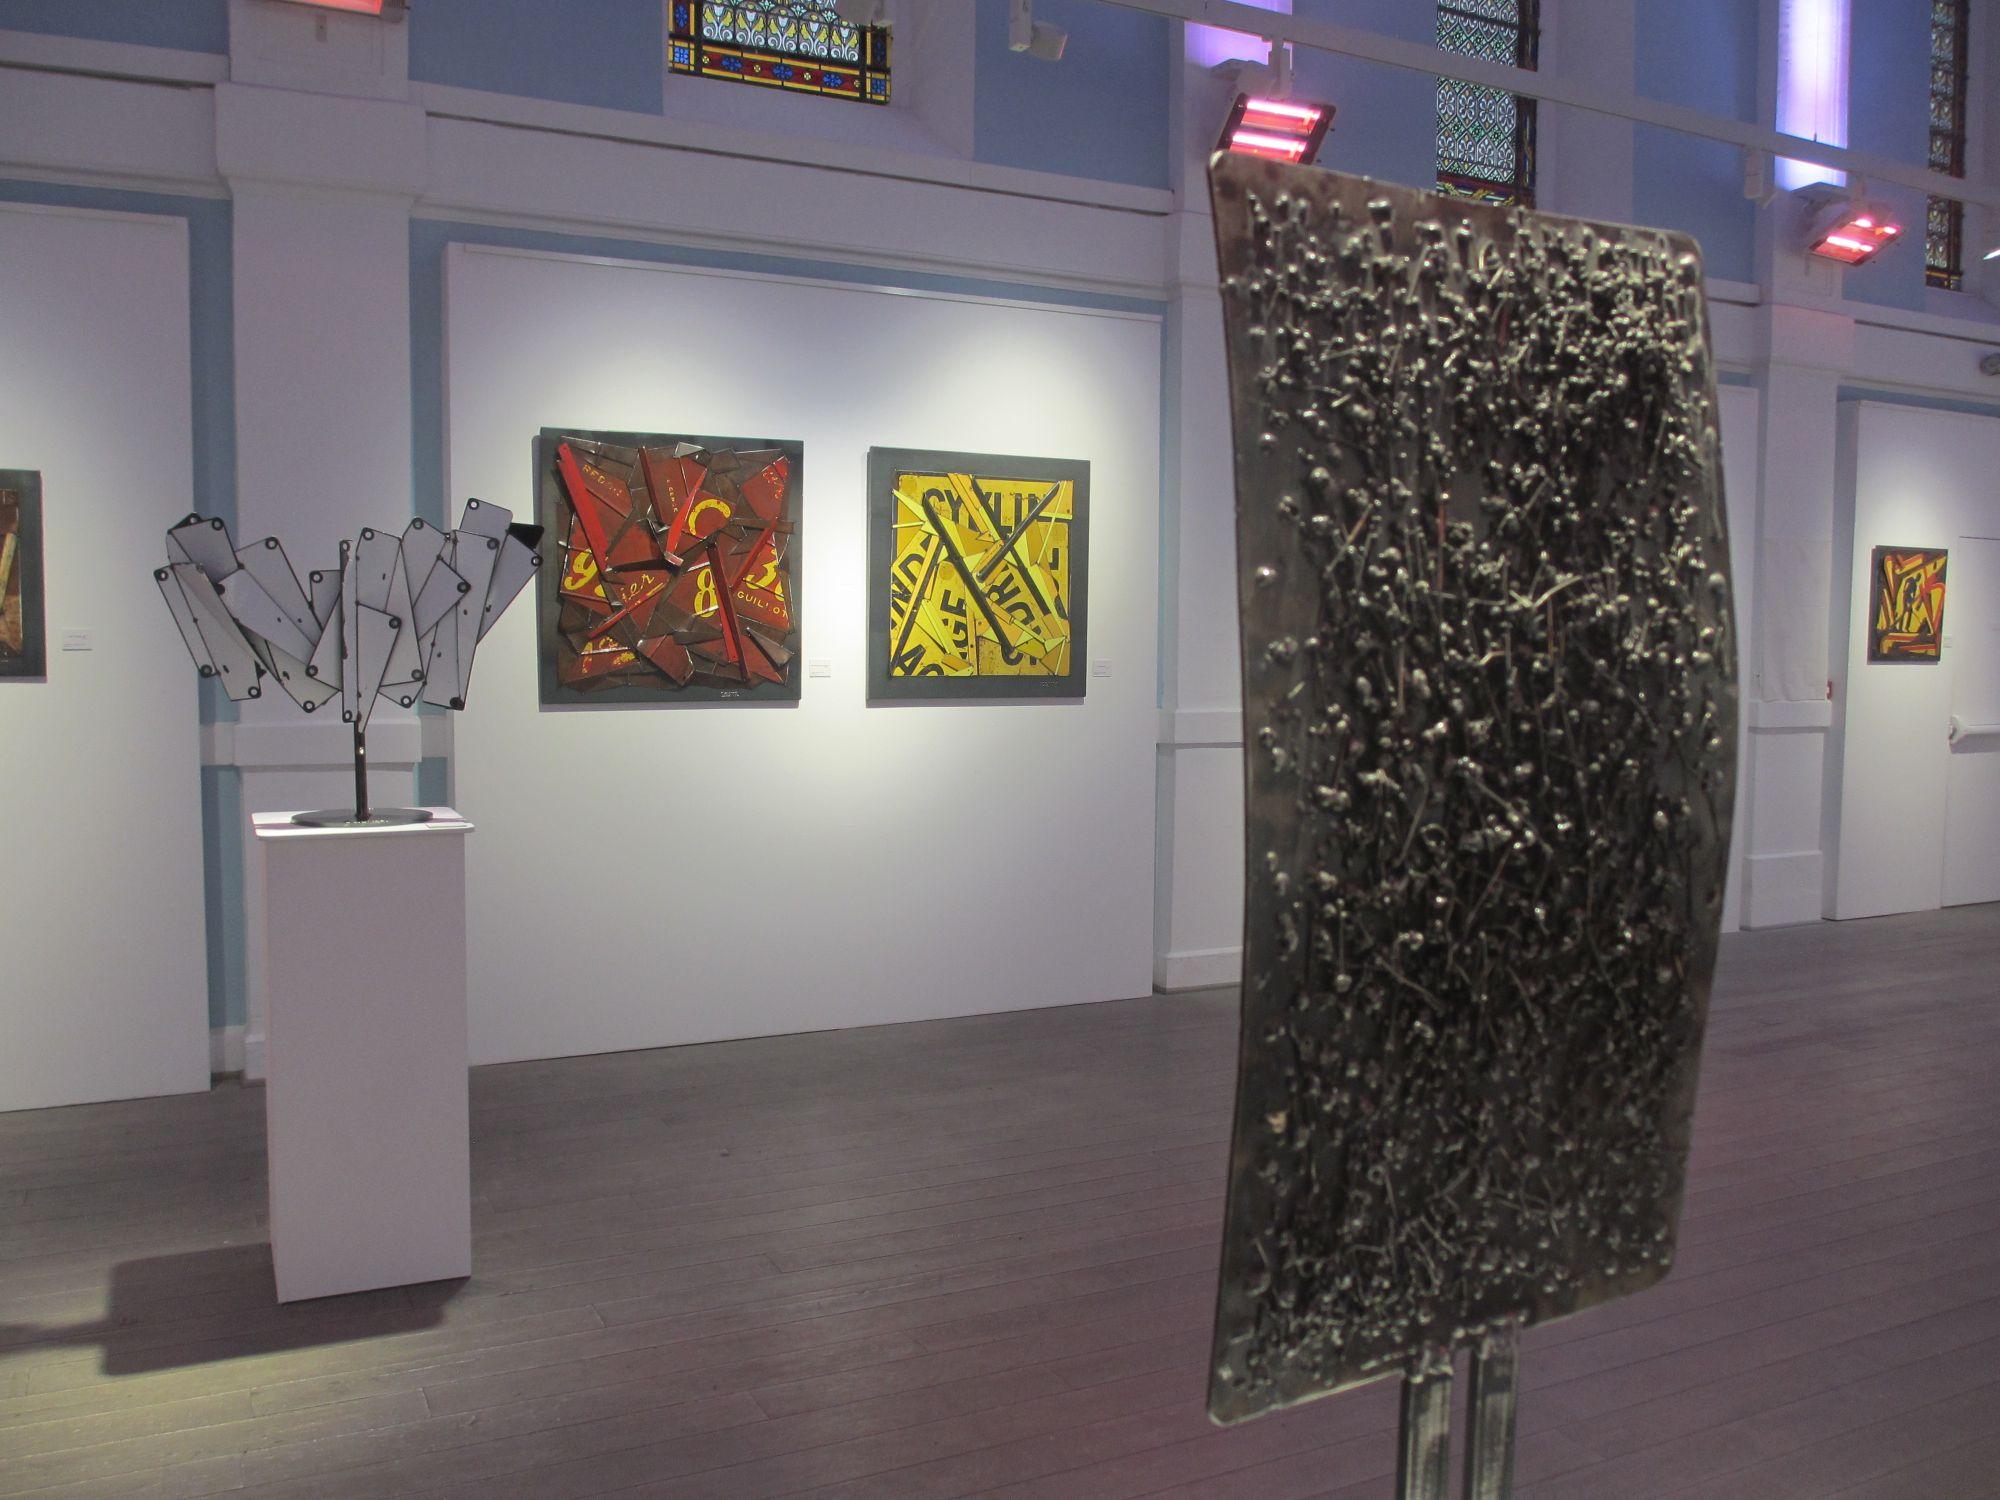 exposition-costa-chapelle-de-la-perseverance-a-pau-du-29-janvier-au-16-fevrier-2019-3